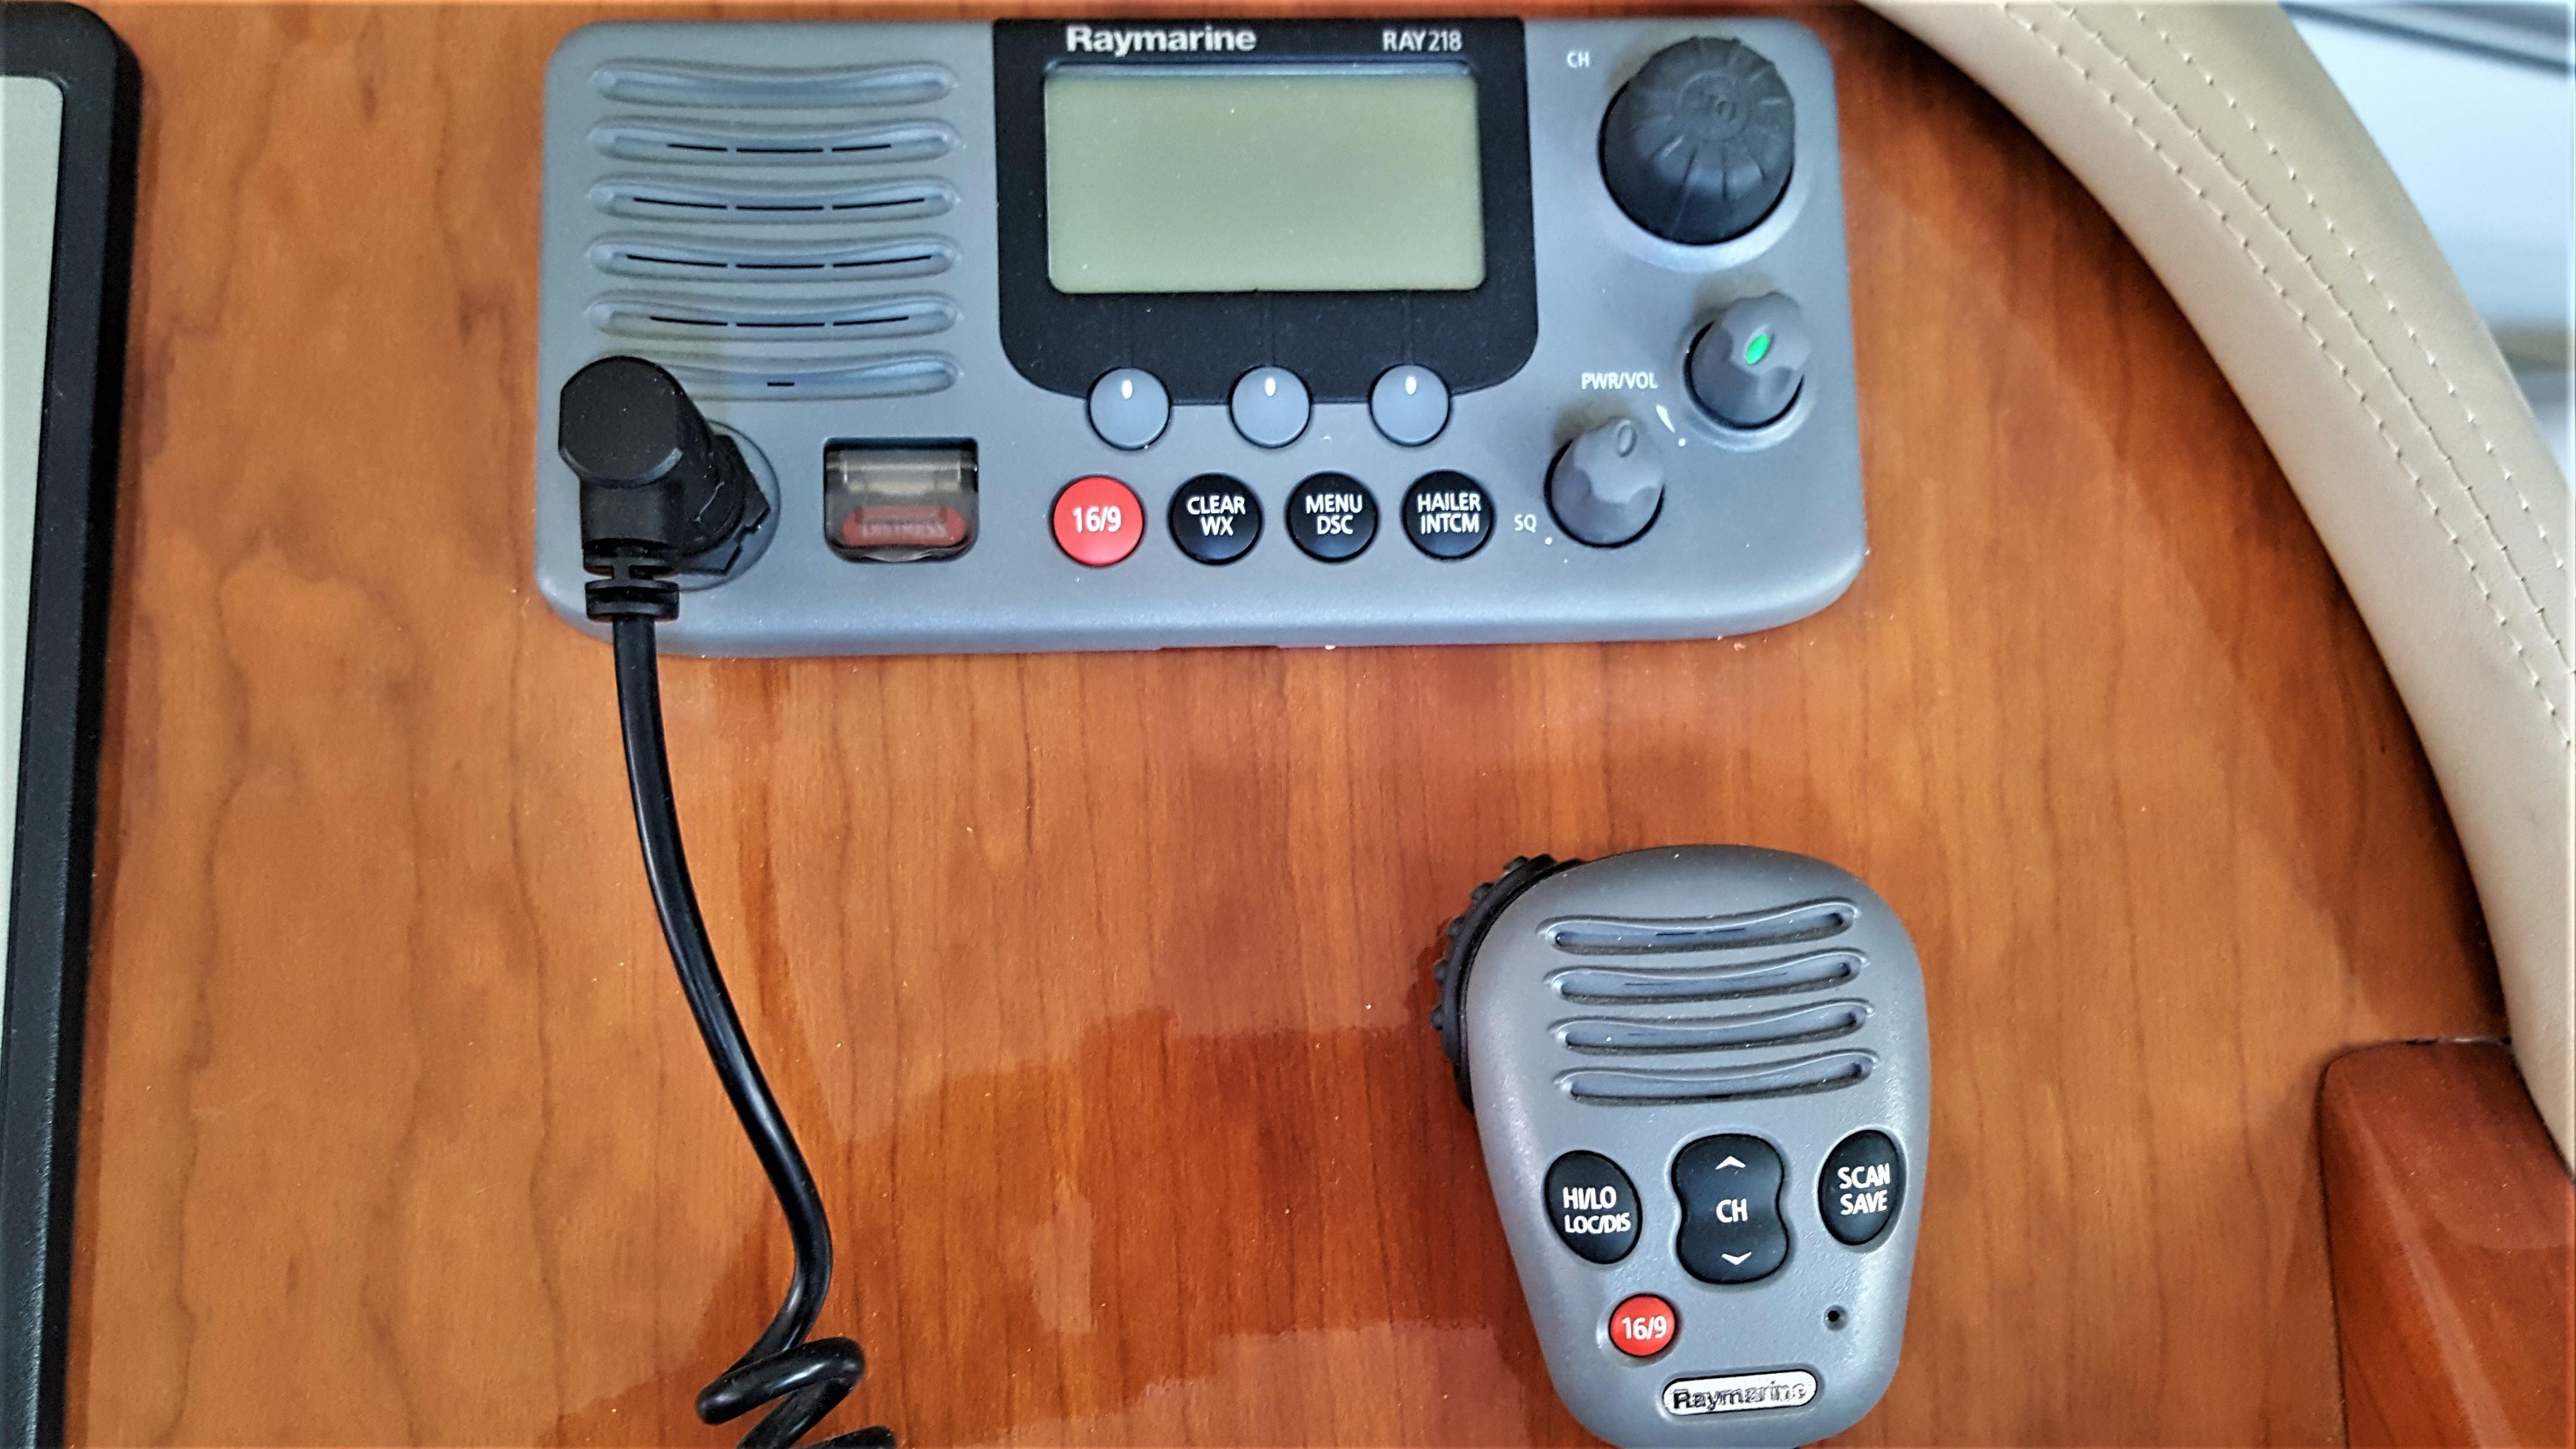 Raymarine Ray215 VHF Radio